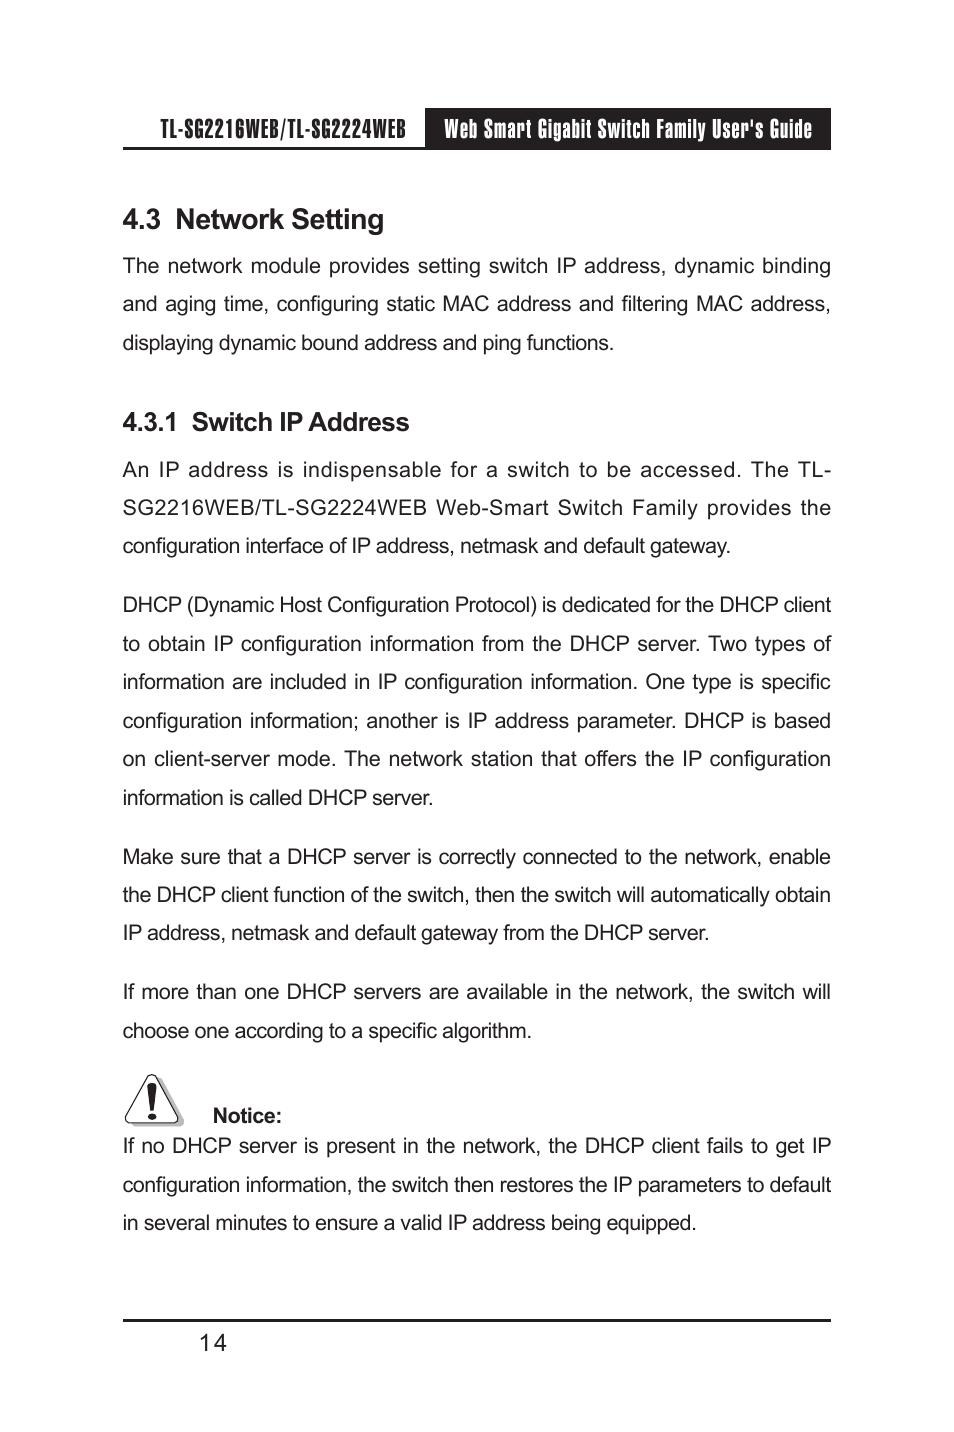 3 network setting, 1 switch ip address, 3 network setting